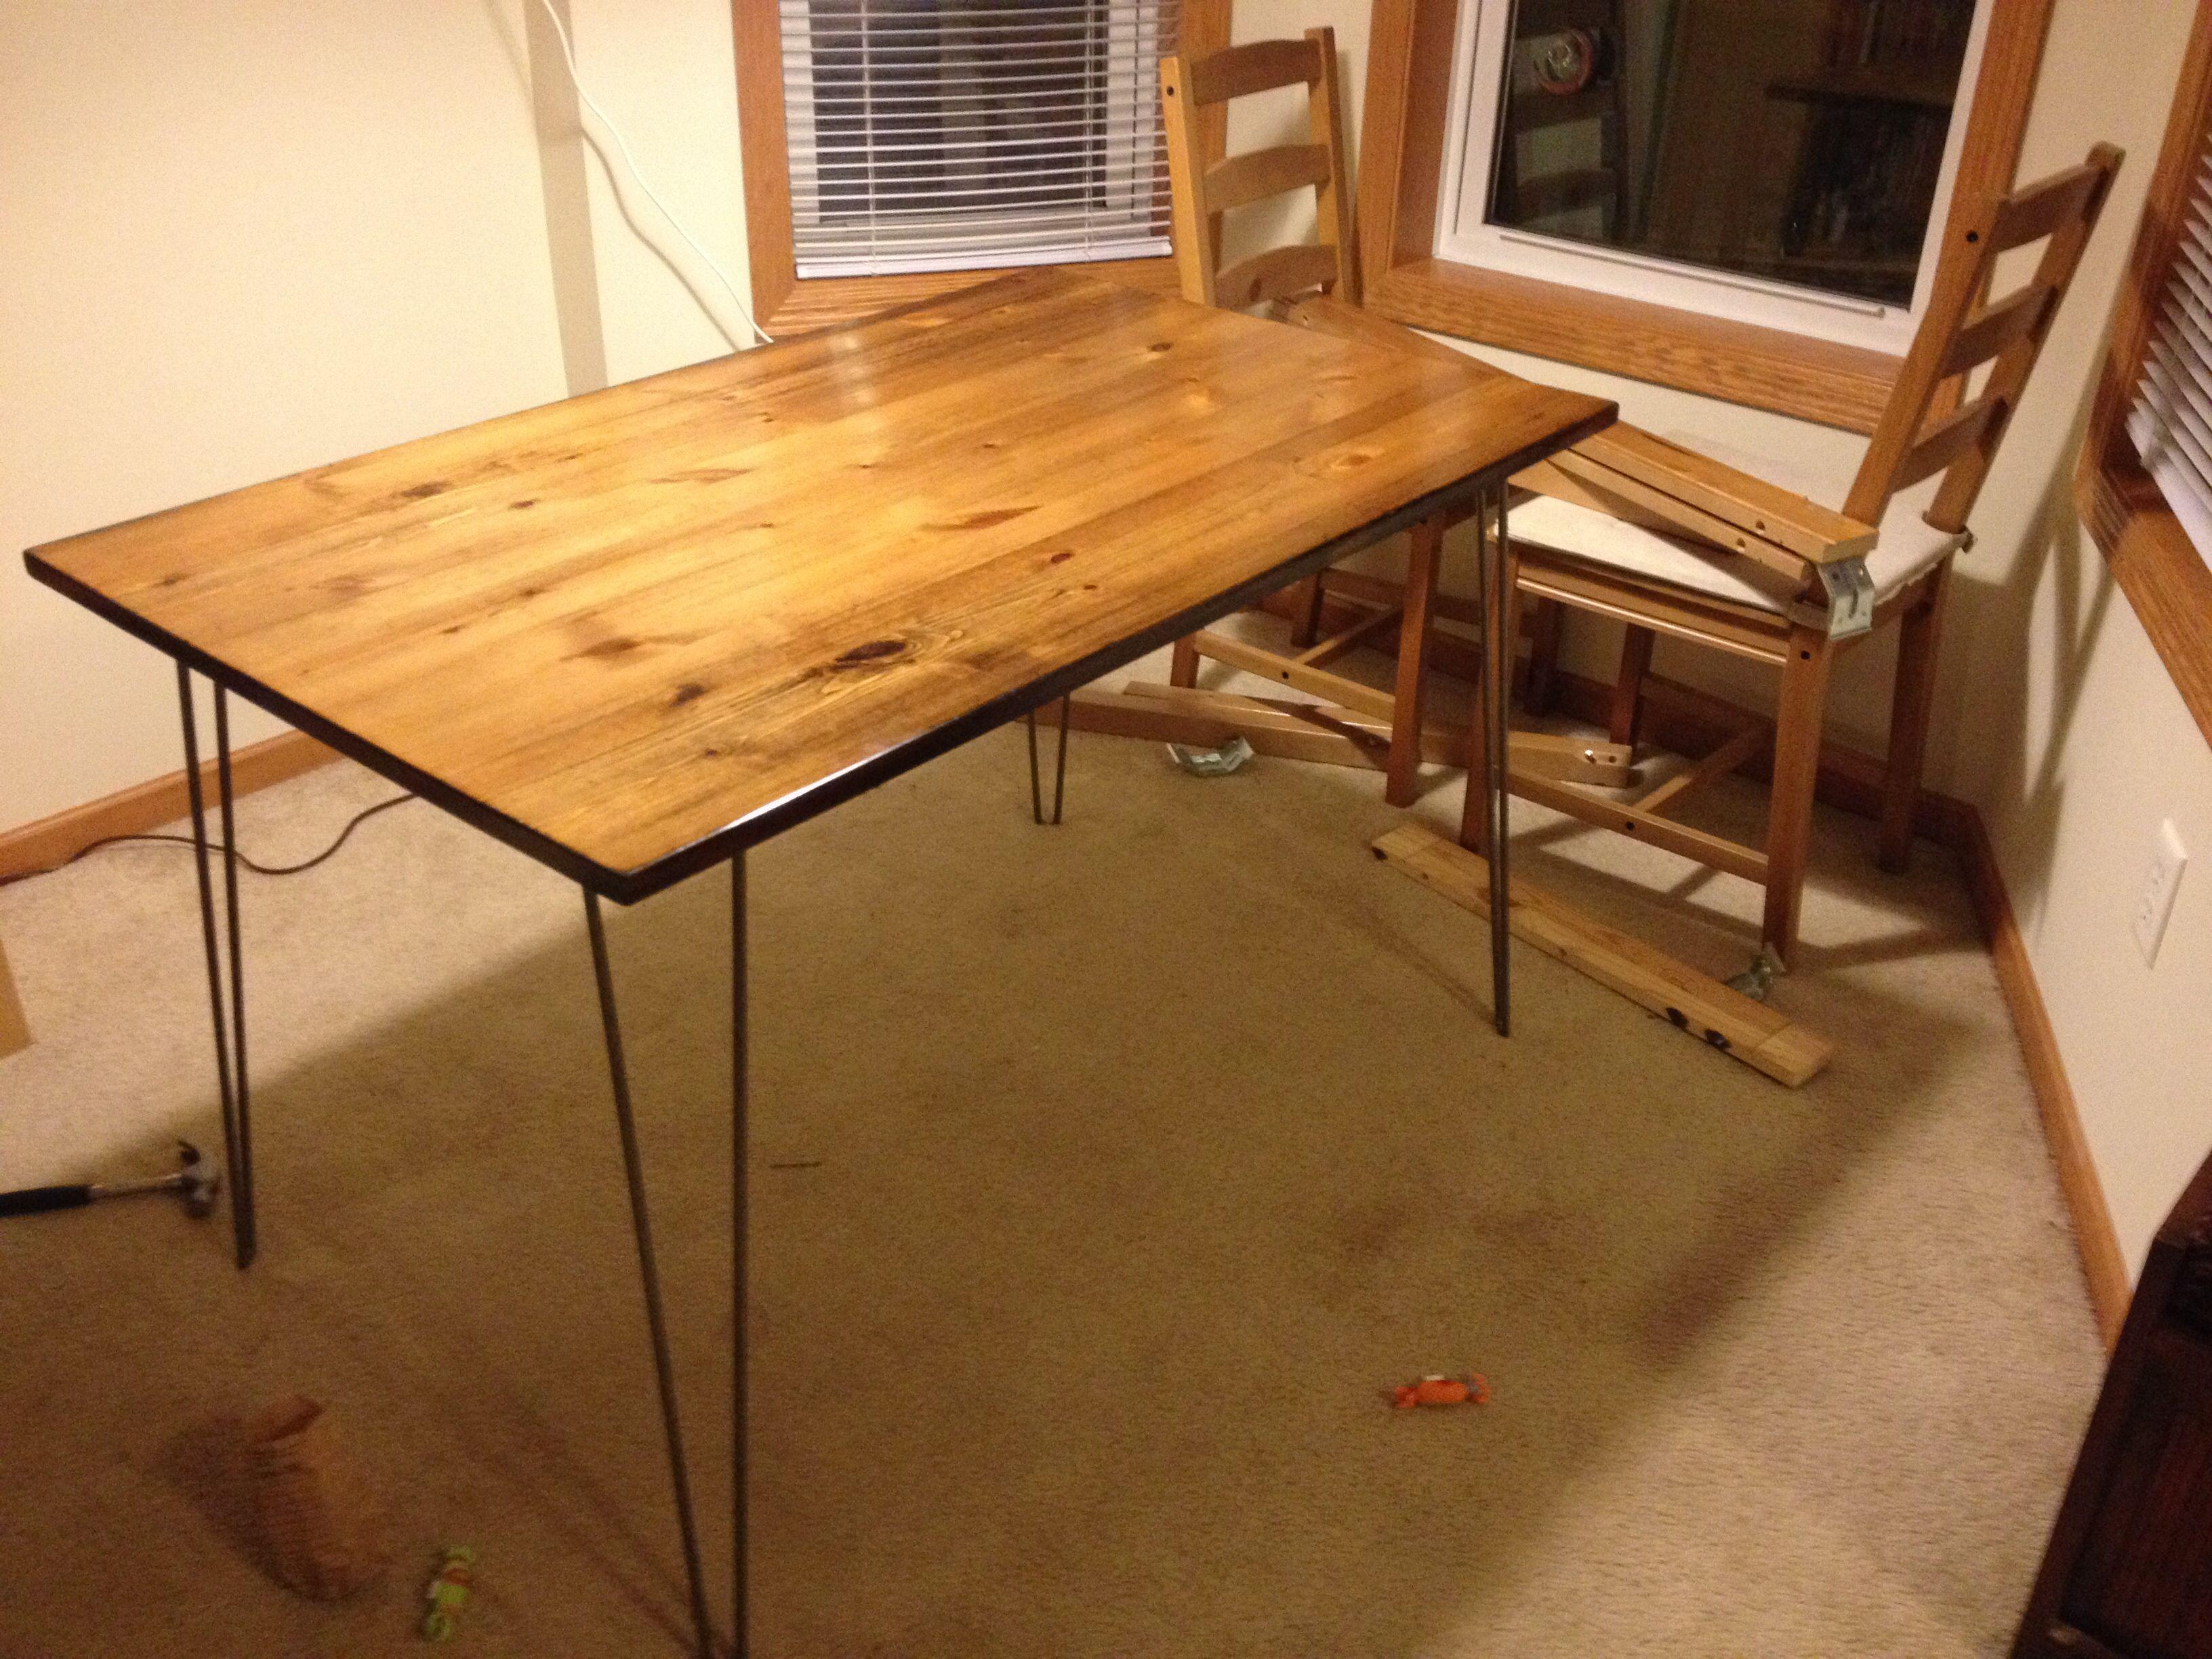 My Ikea Jokkmokk Table Gets An Urban Industrial Update Refinished